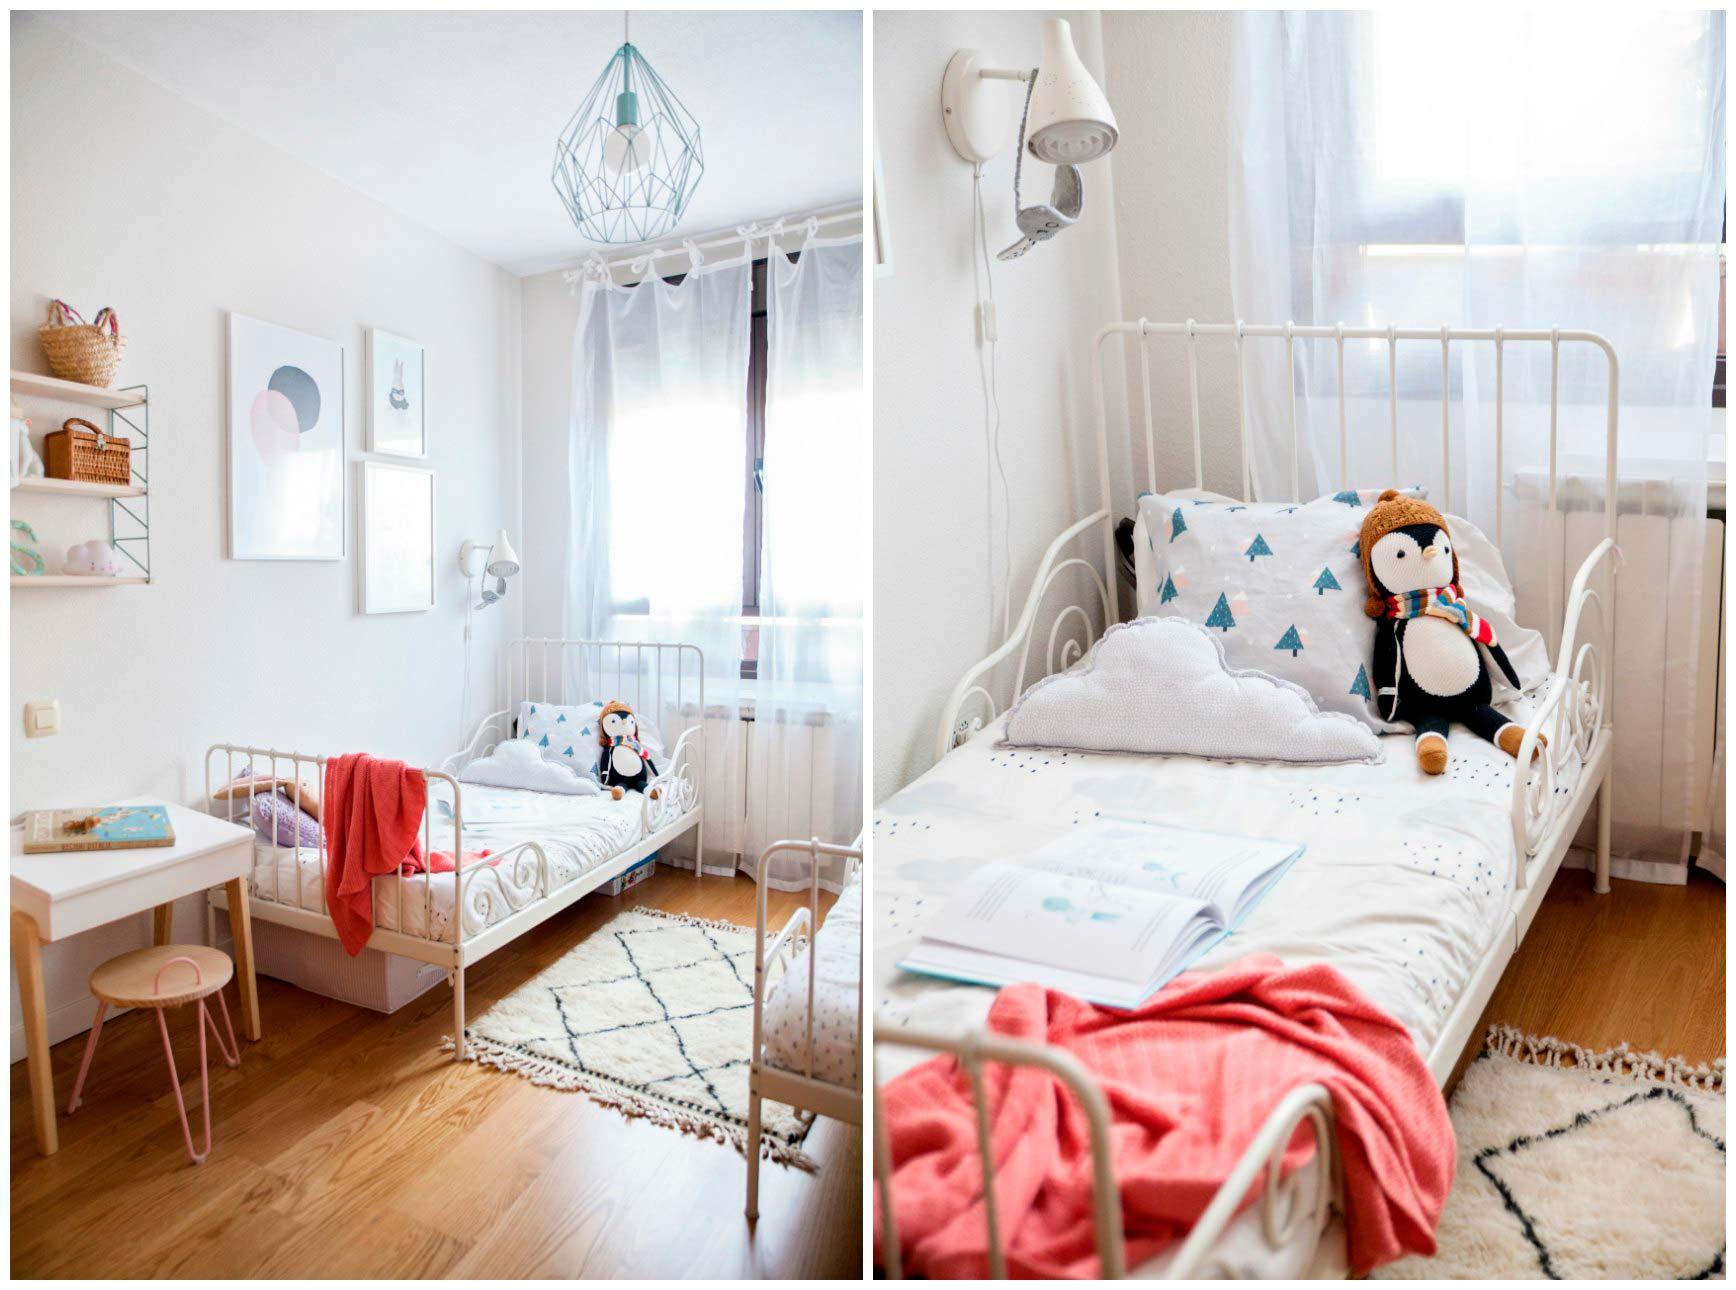 La Habitaci N De Sof A Y Olivia Clarabmartin